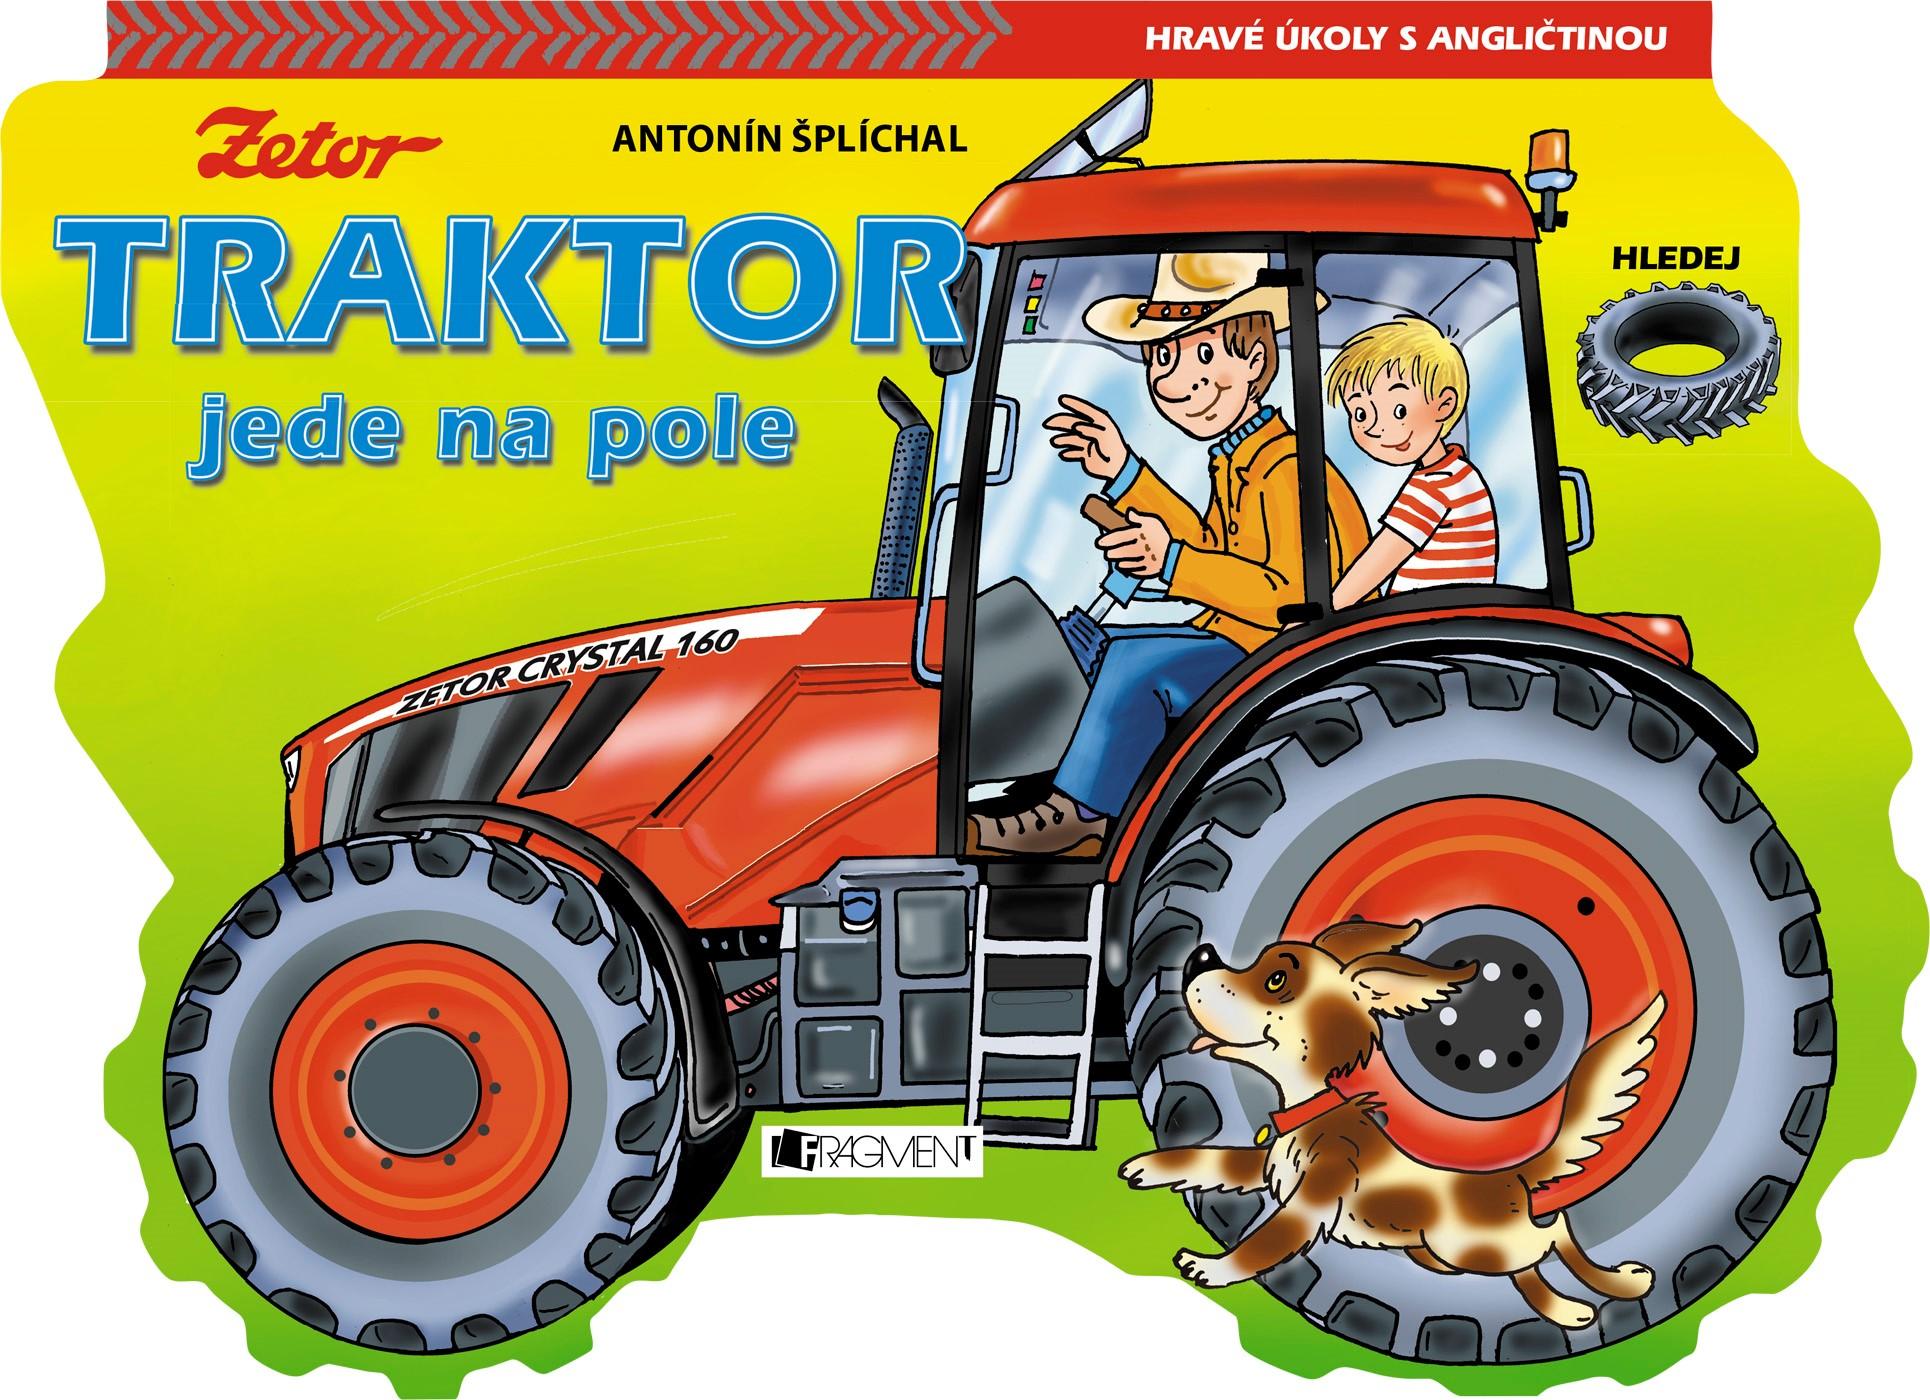 Traktor jede na pole